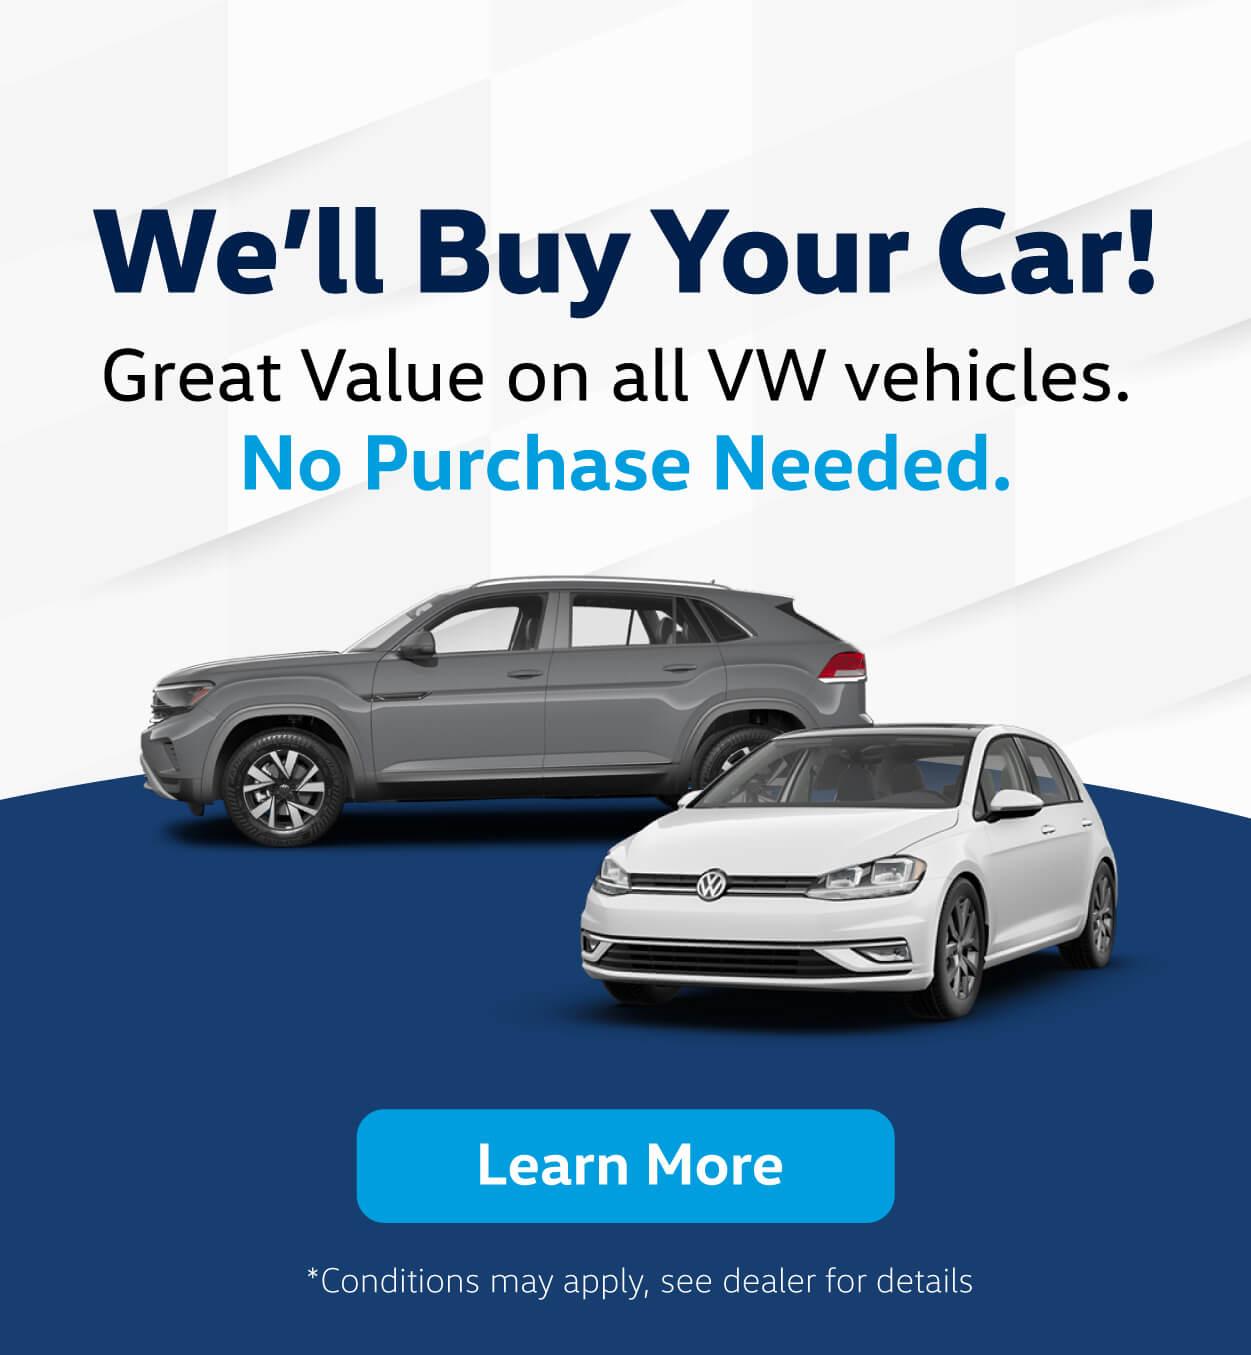 We will buy your car - Humberview Volkswagen